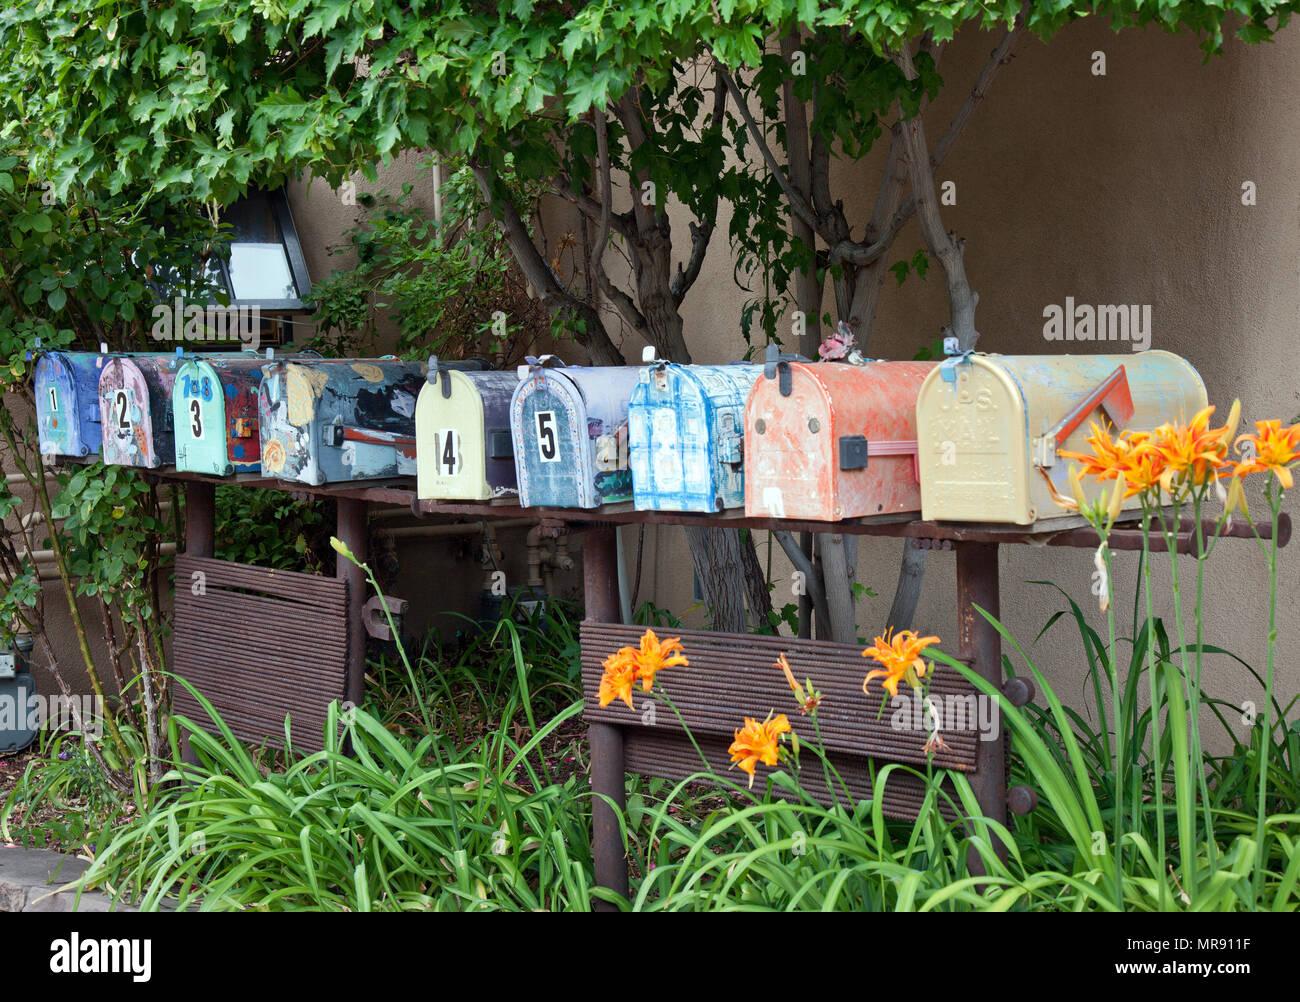 Même les boîtes aux lettres pour les résidents Canyon Road mettre en place le thème de l'art de la région. Photo Stock